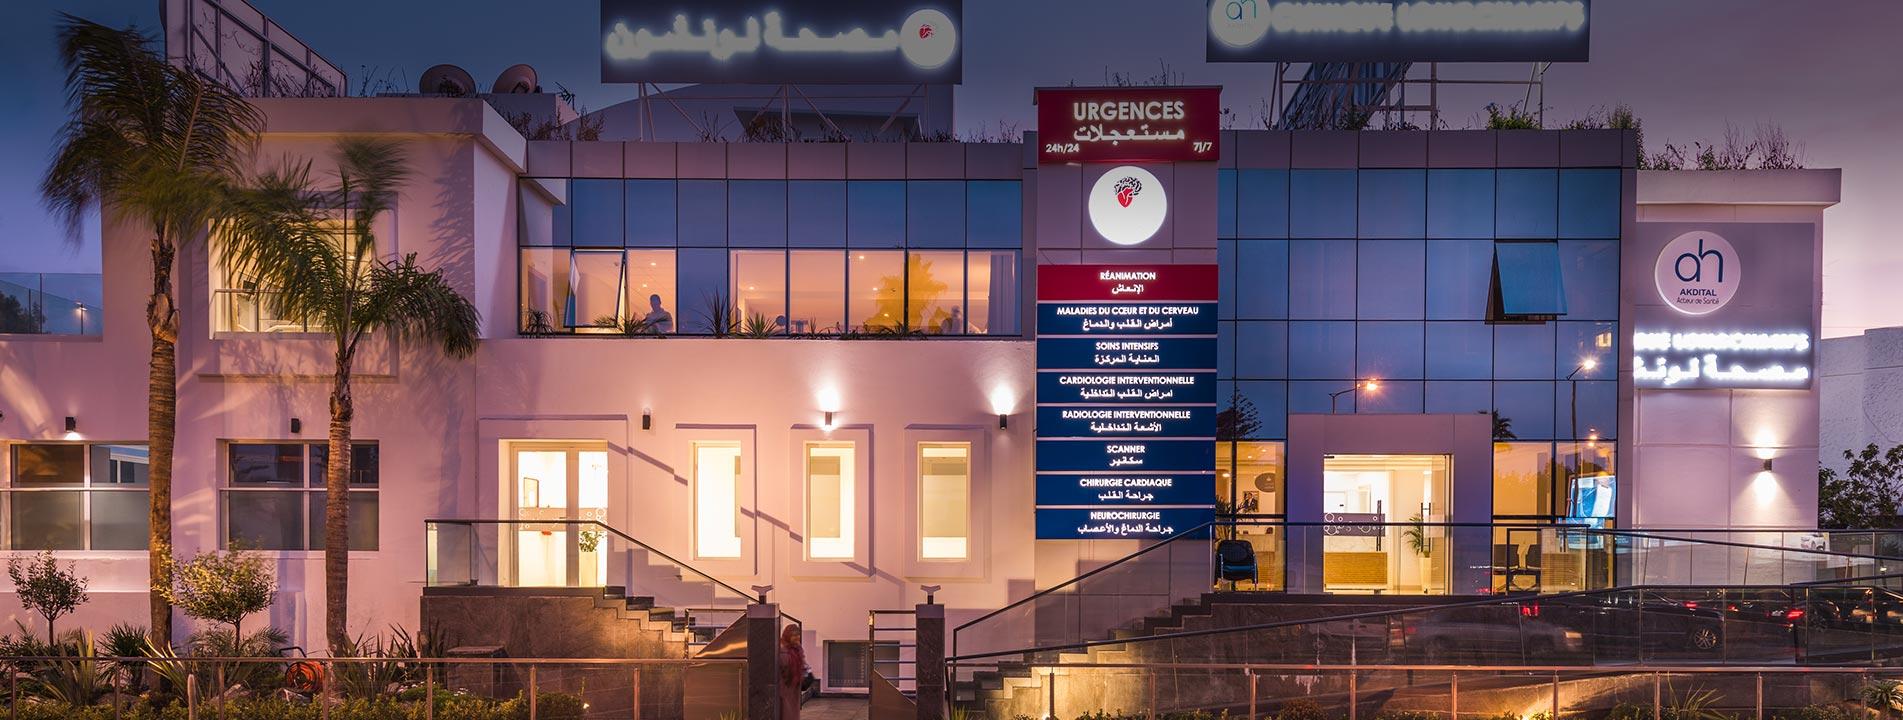 Santé: le Groupe Akdital Holding envisage une introduction en Bourse